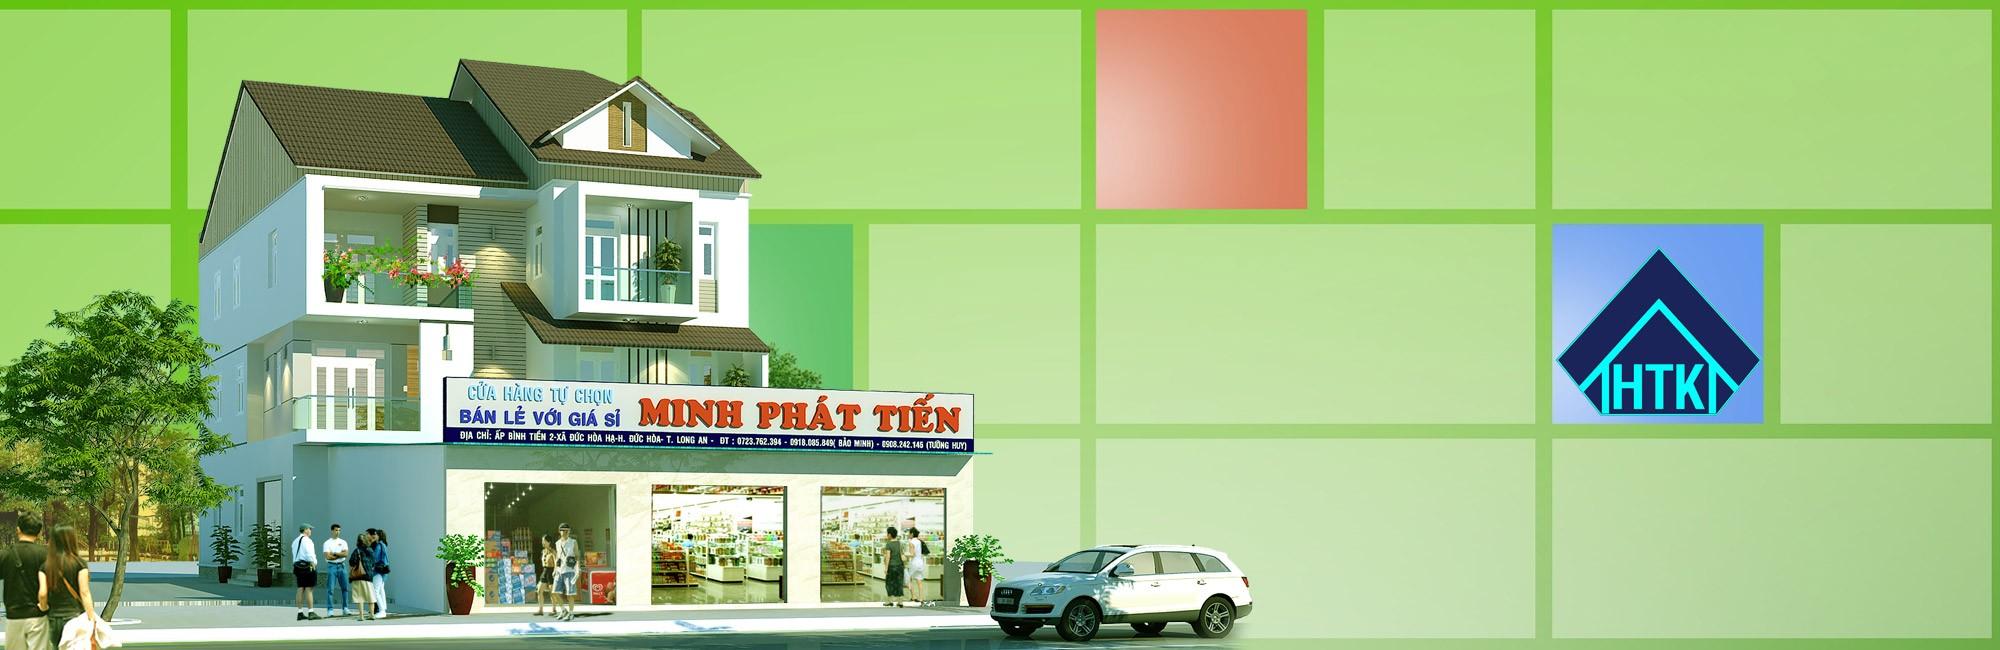 Nhà phố 3 tầng kết hợp kinh doanh- Đức Hòa-Long An